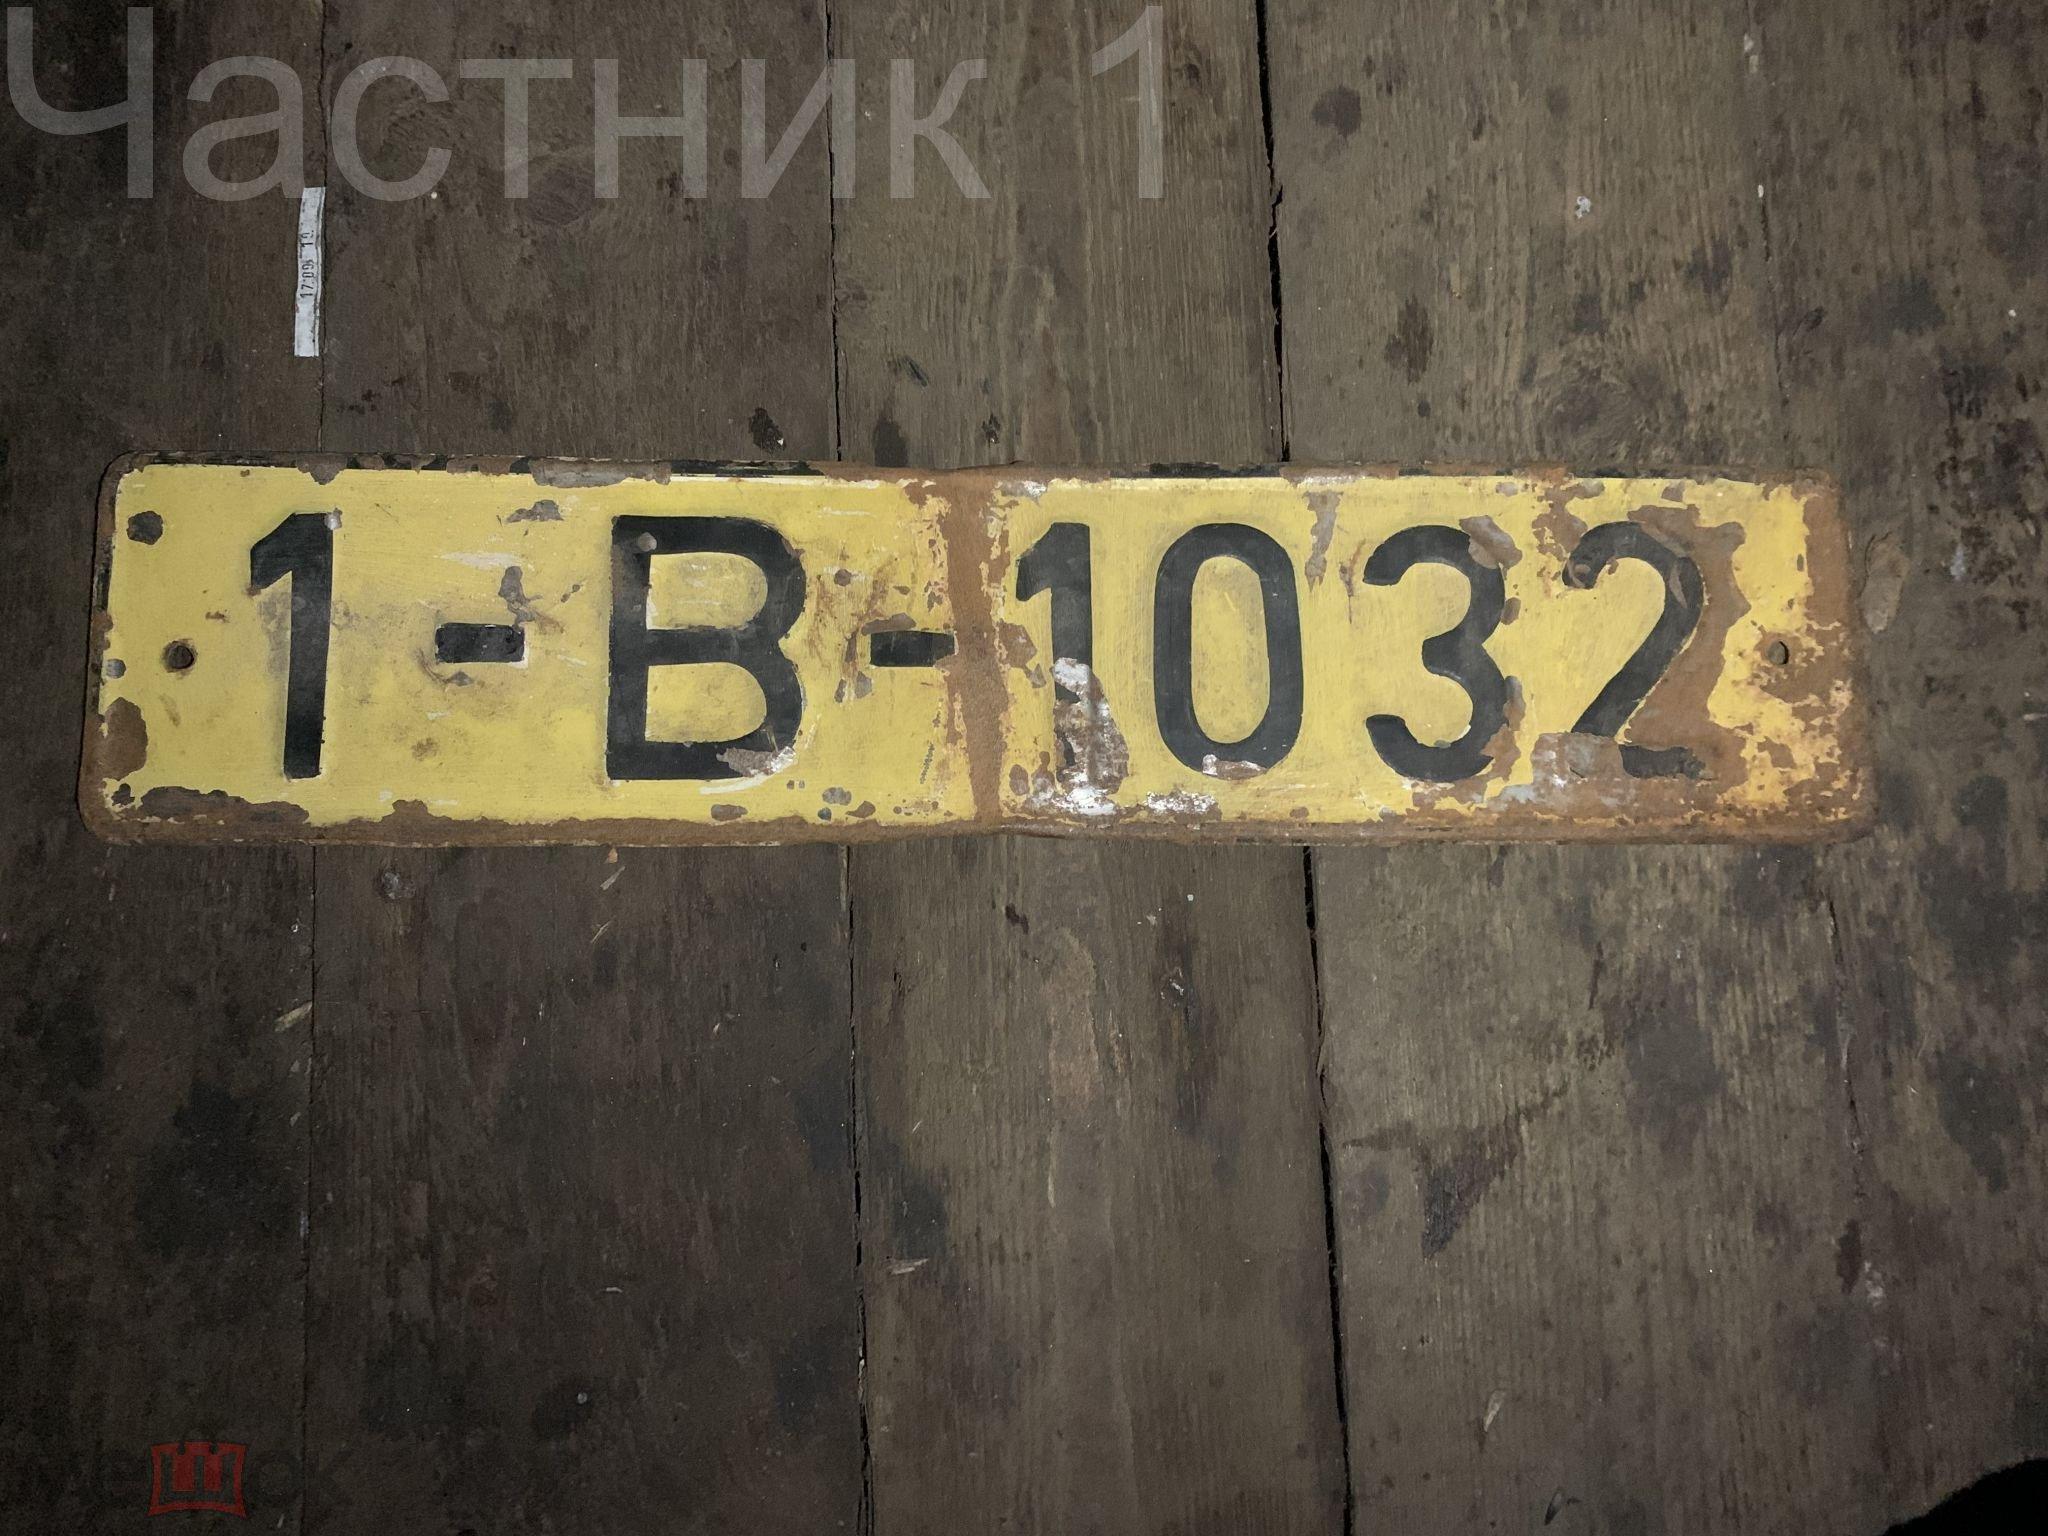 Автомобильный номер. Желтый, старый.